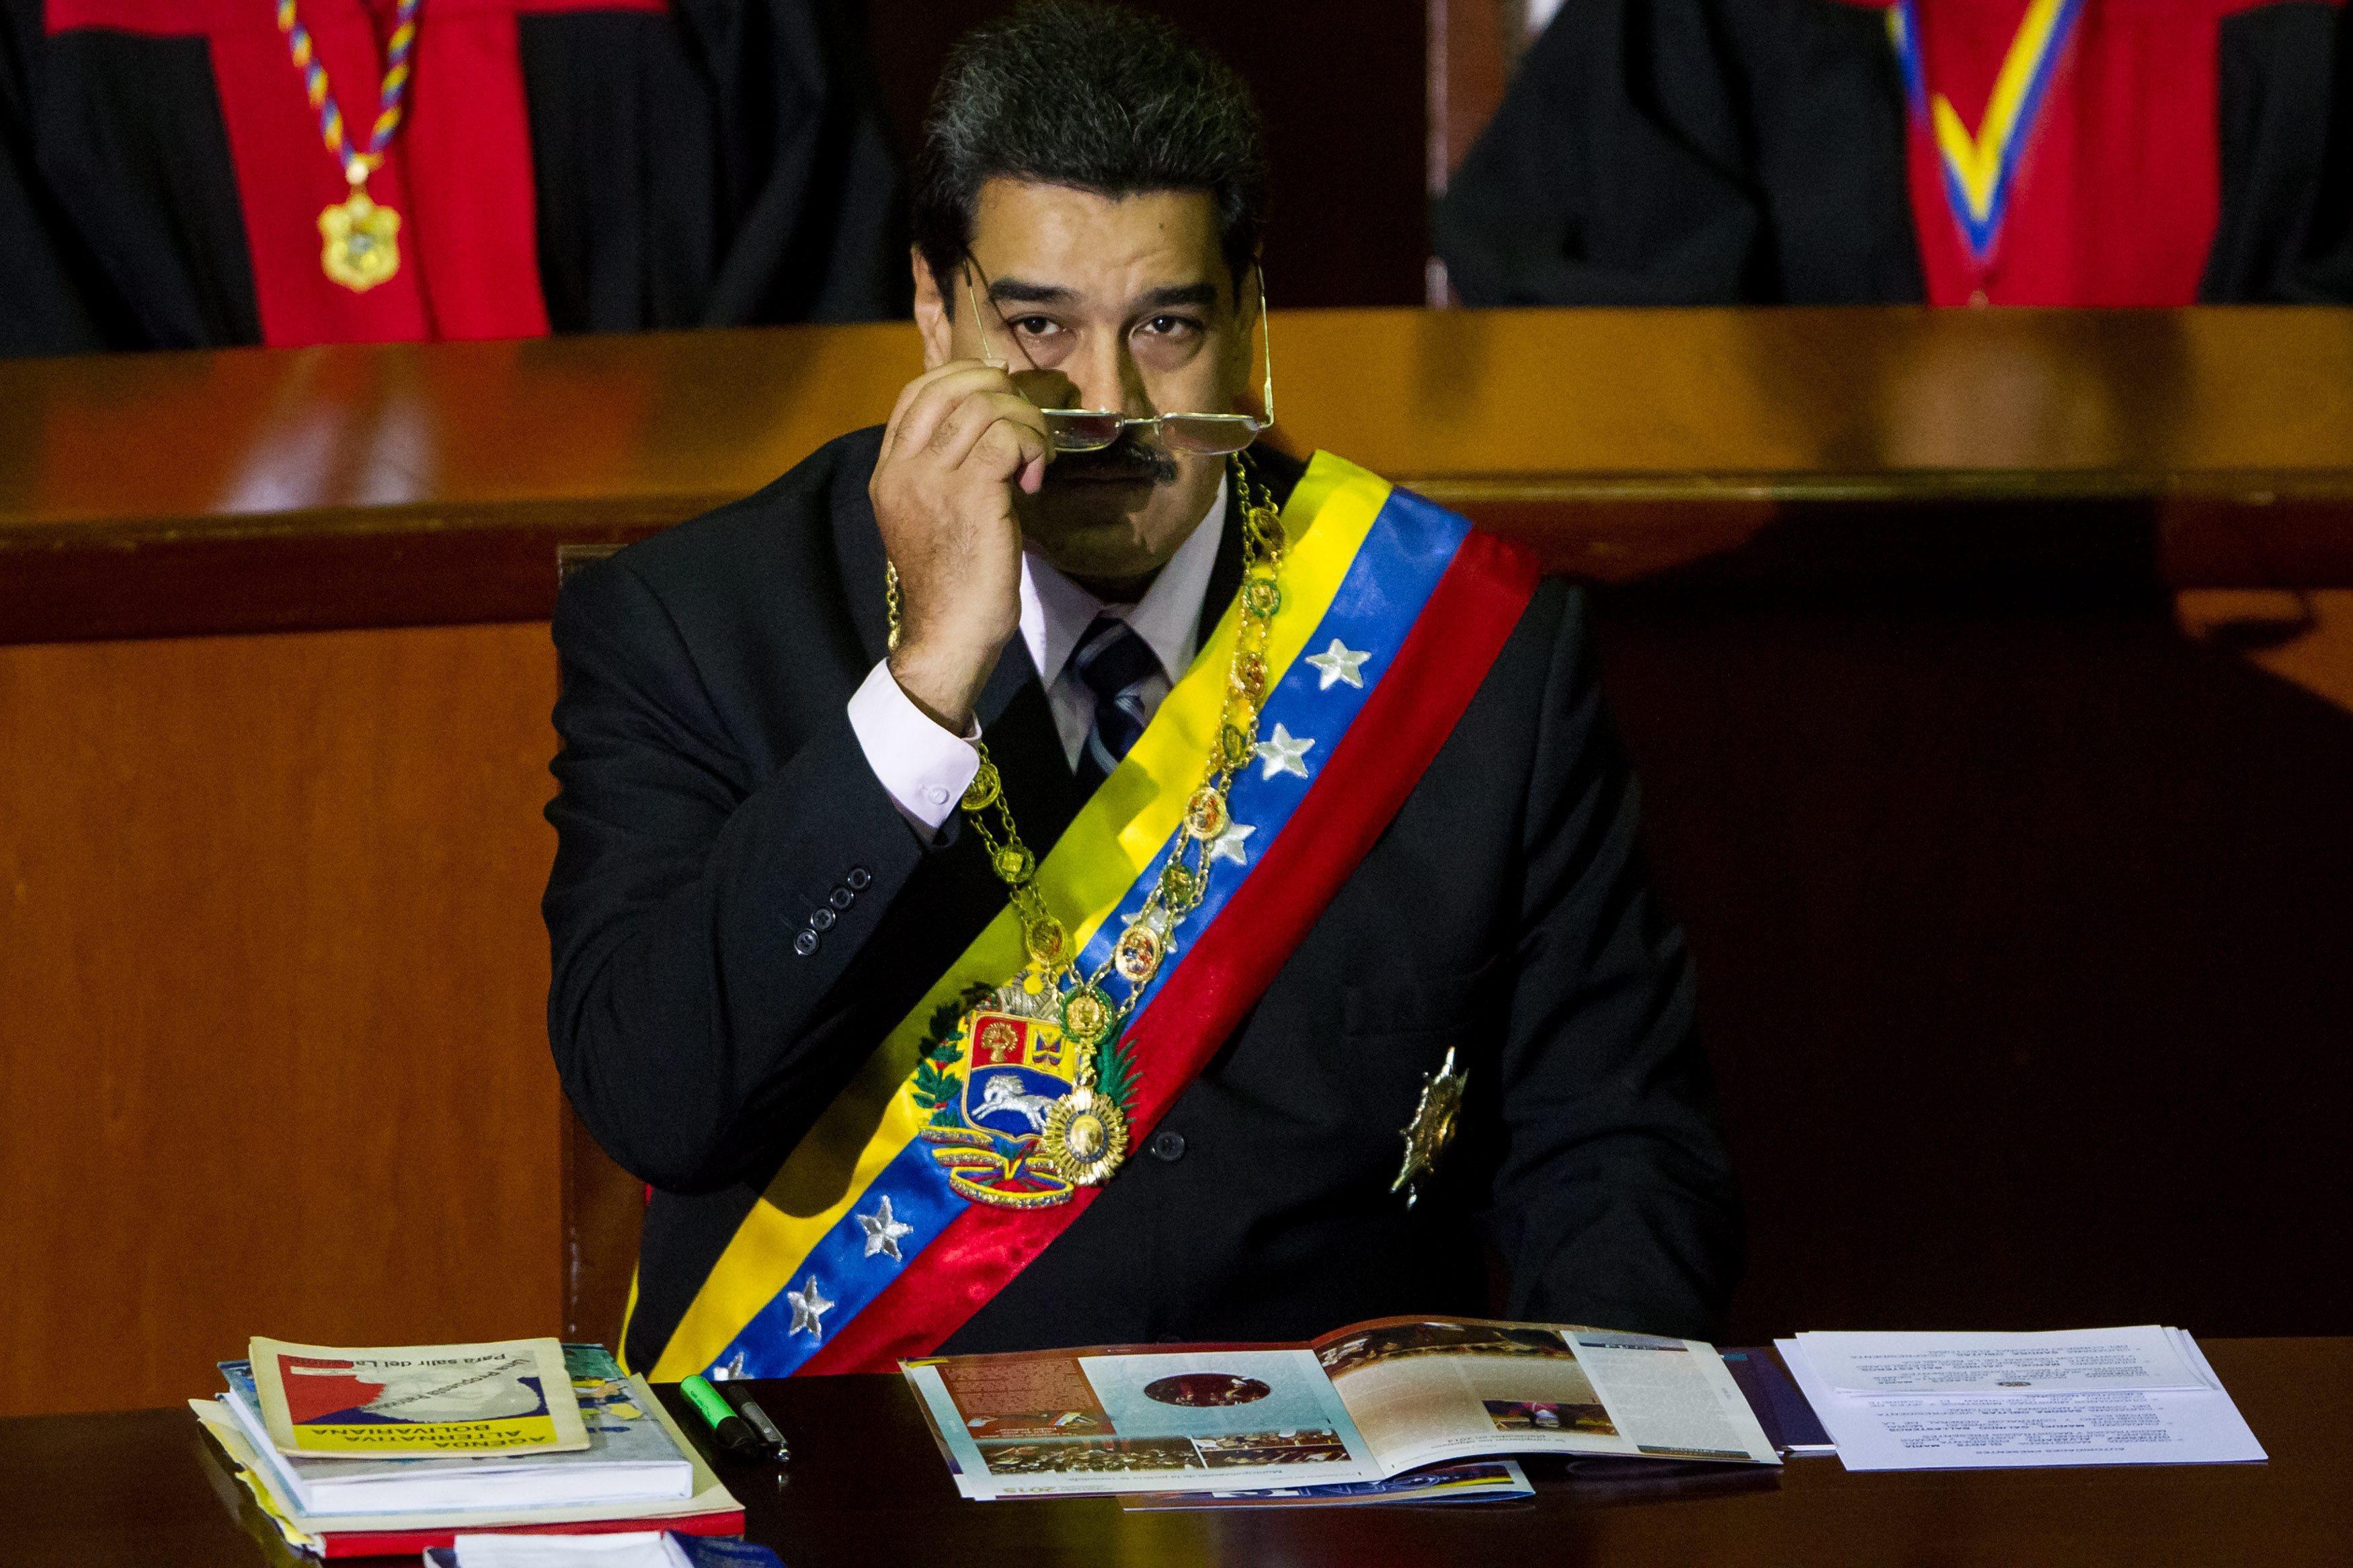 Presidente Nicolás Maduro anuncia que usará Facebook para falar aos venezuelanos